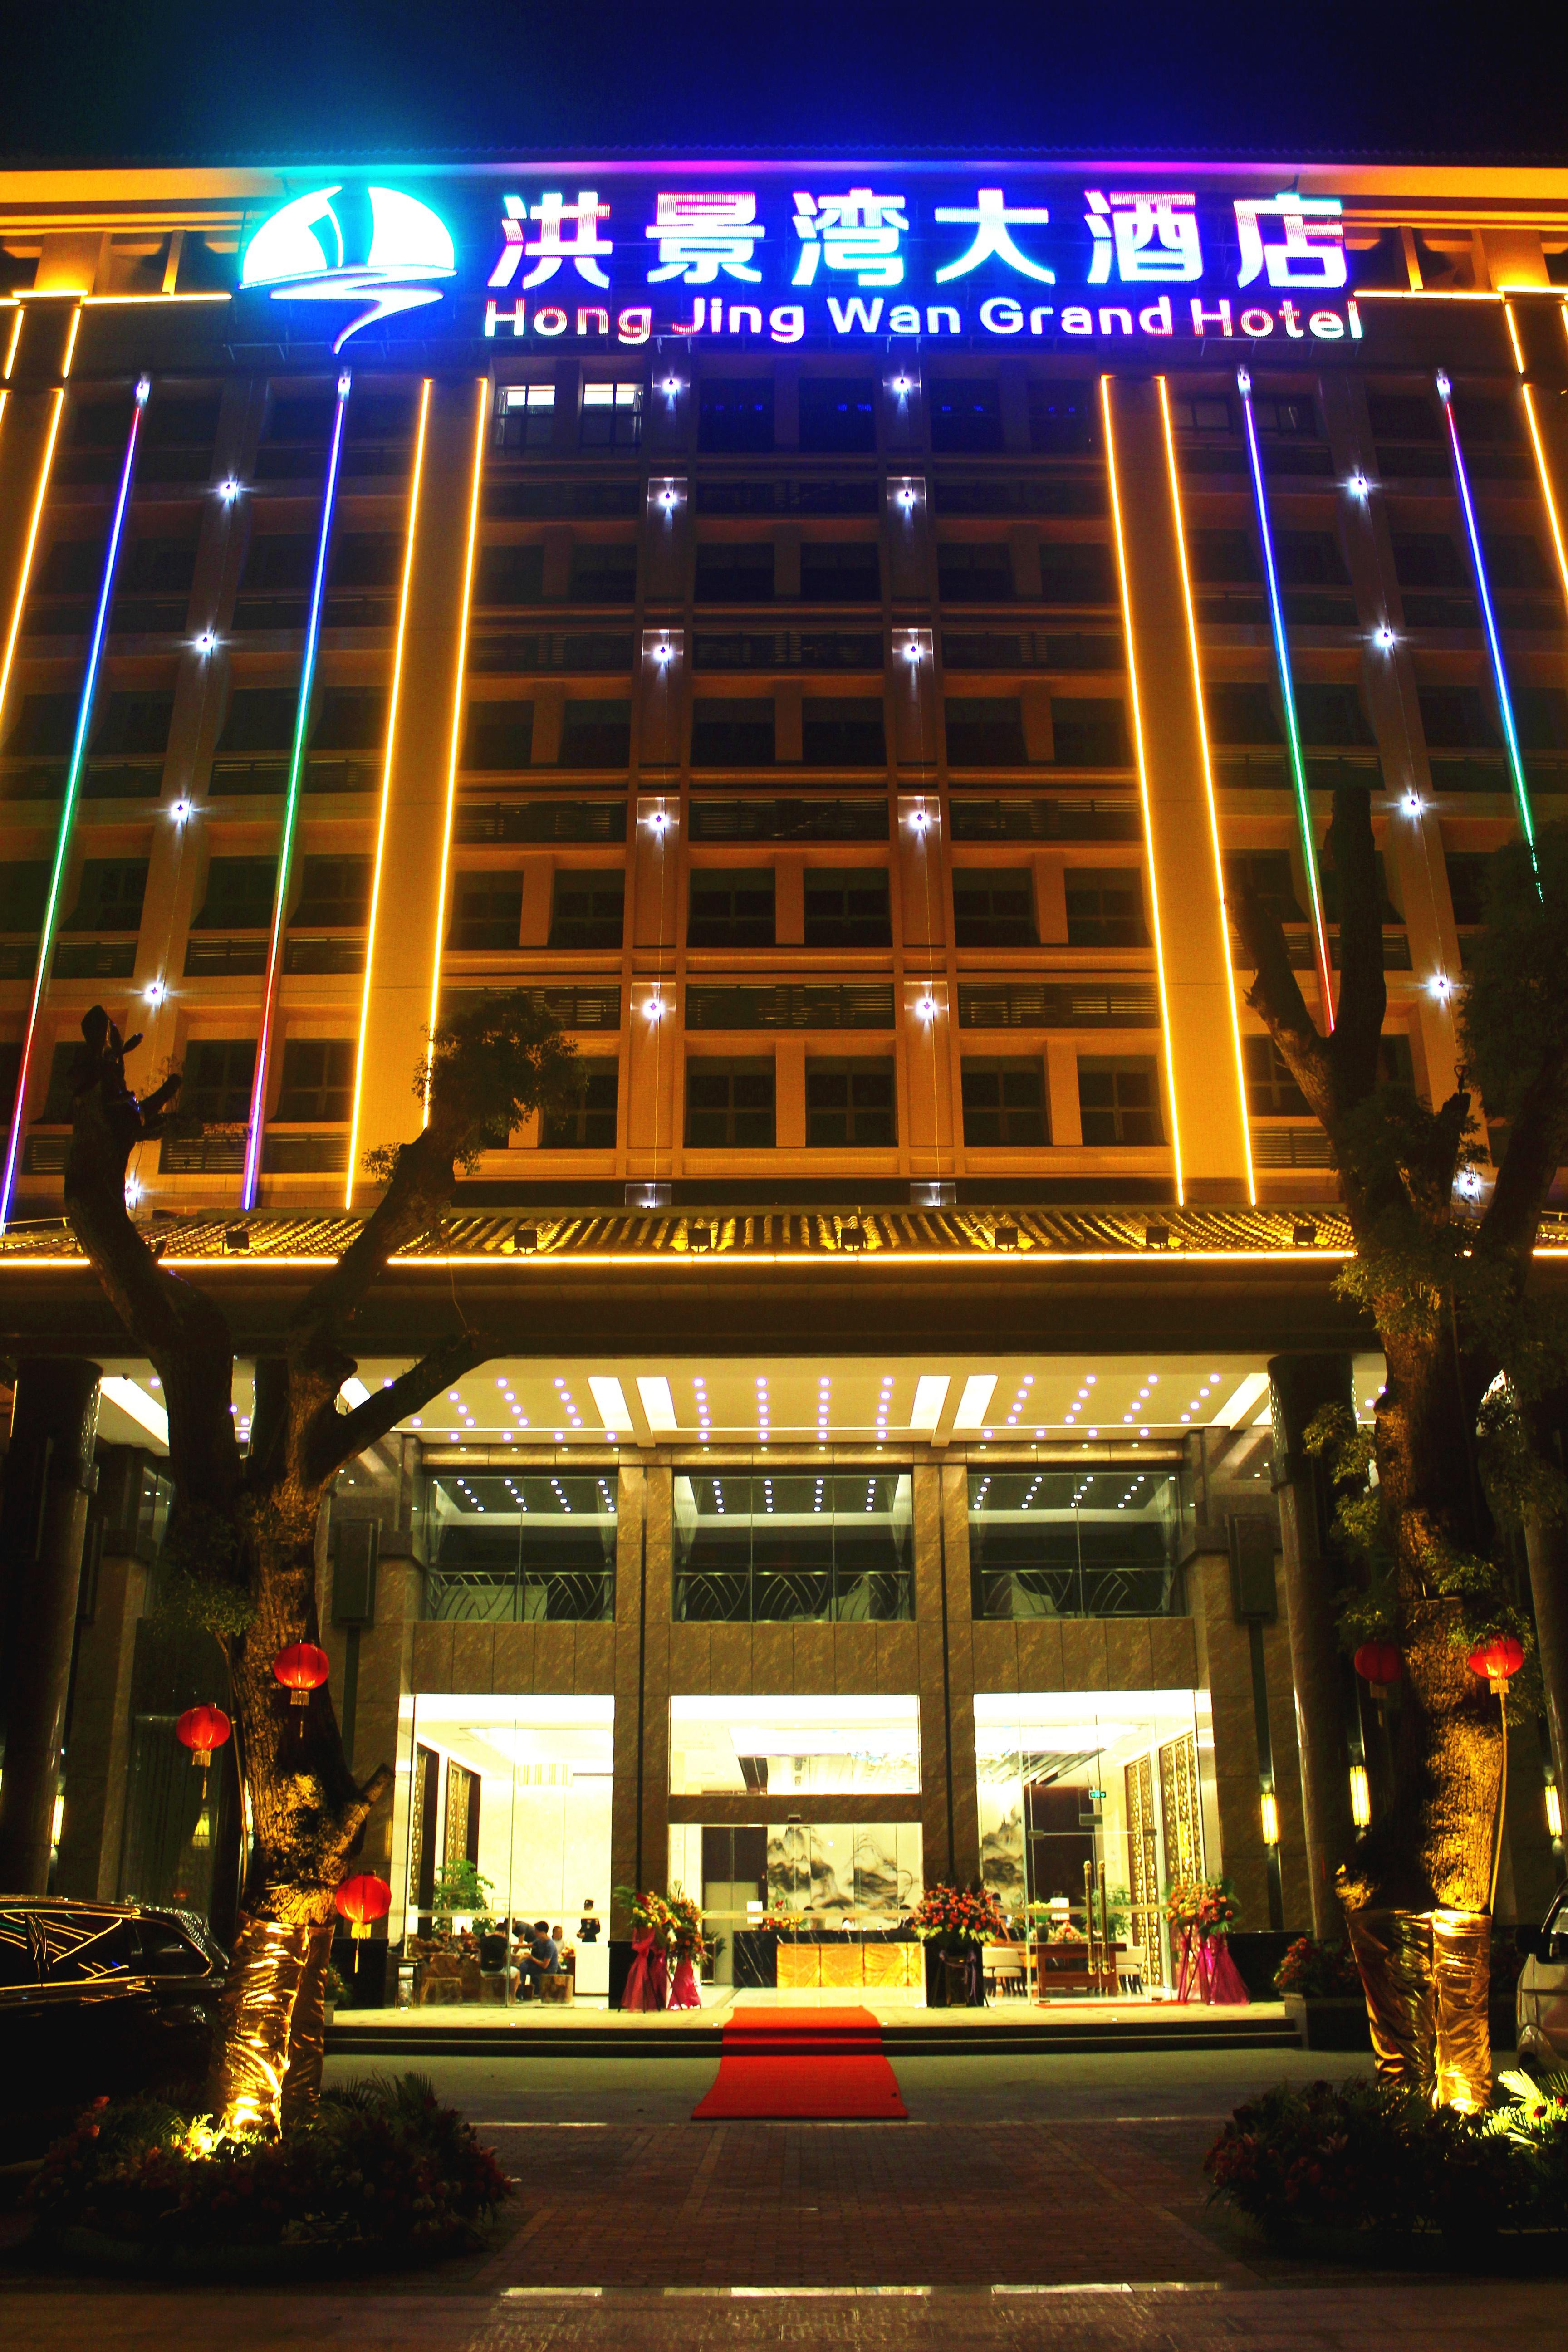 酒店外观夜景2.jpg